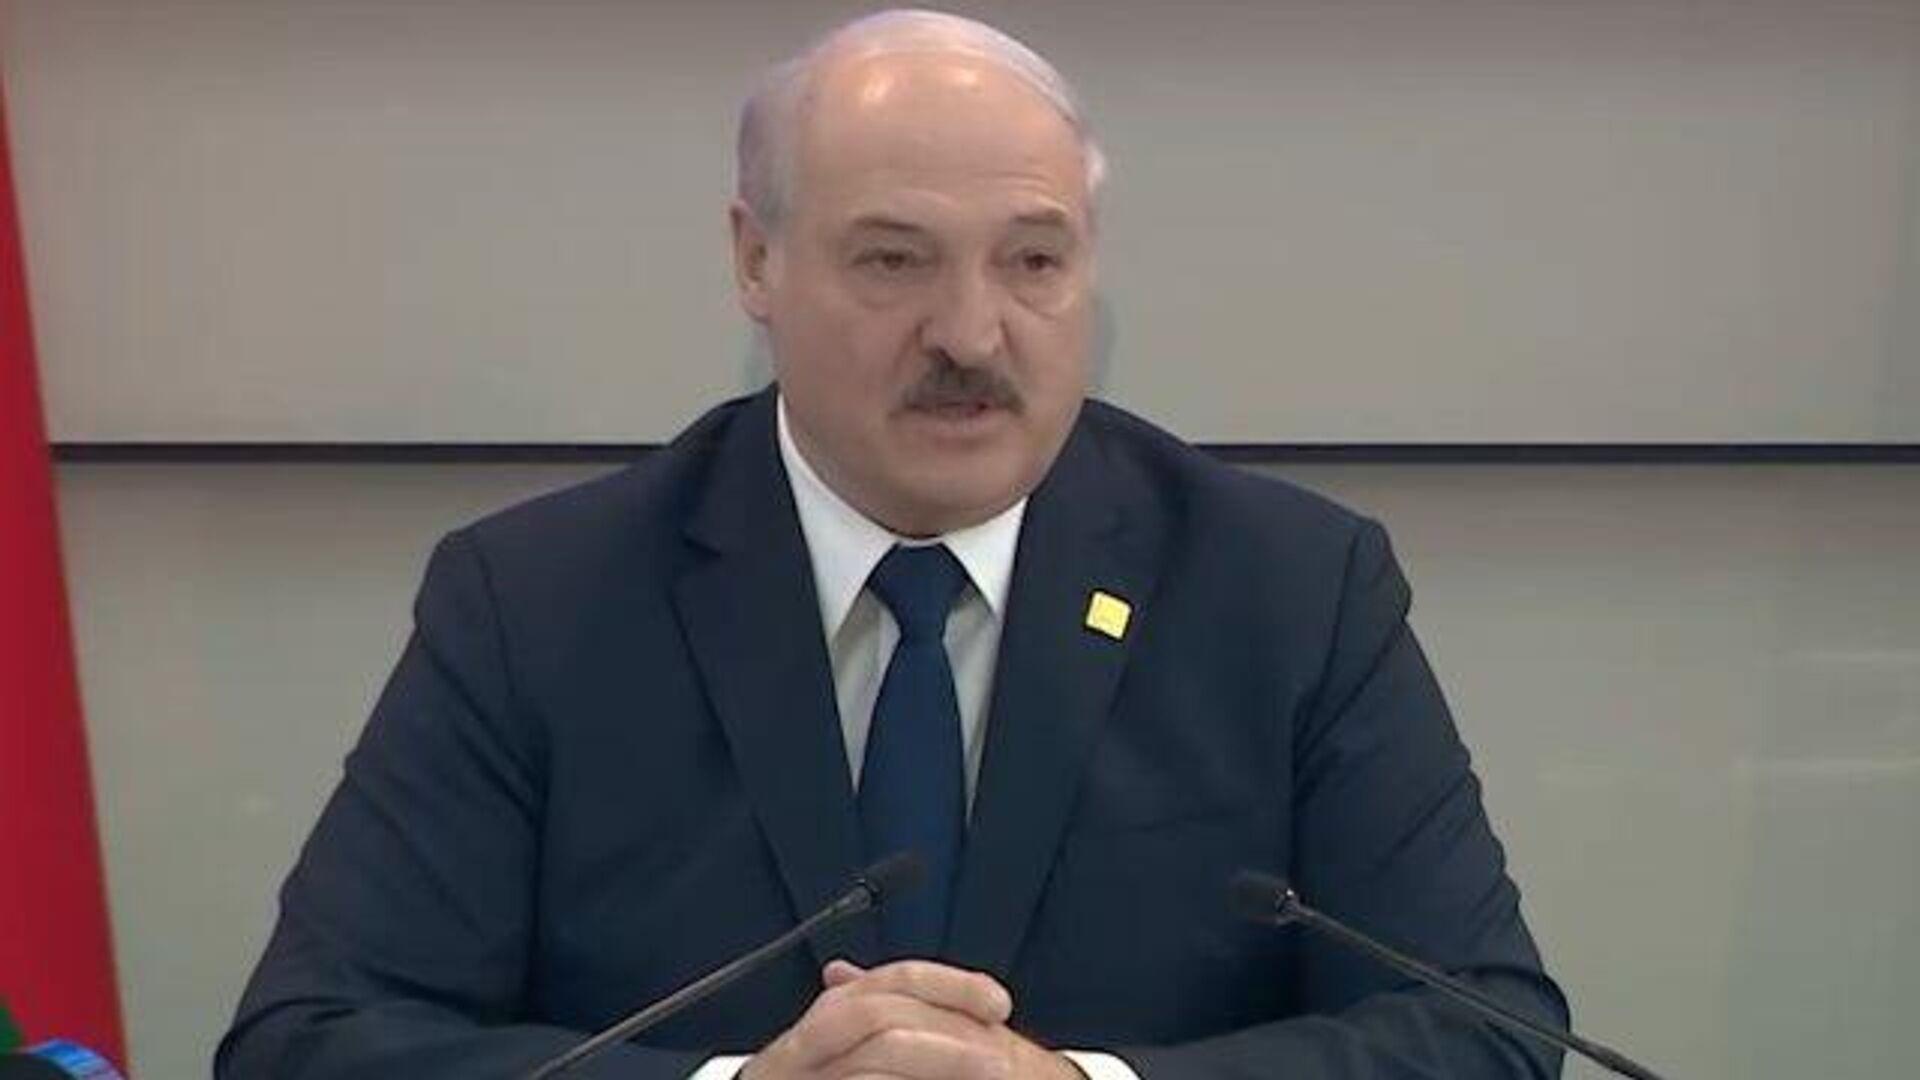 Лукашенко: Ни один мой ребенок президентом не будет - РИА Новости, 1920, 26.02.2021